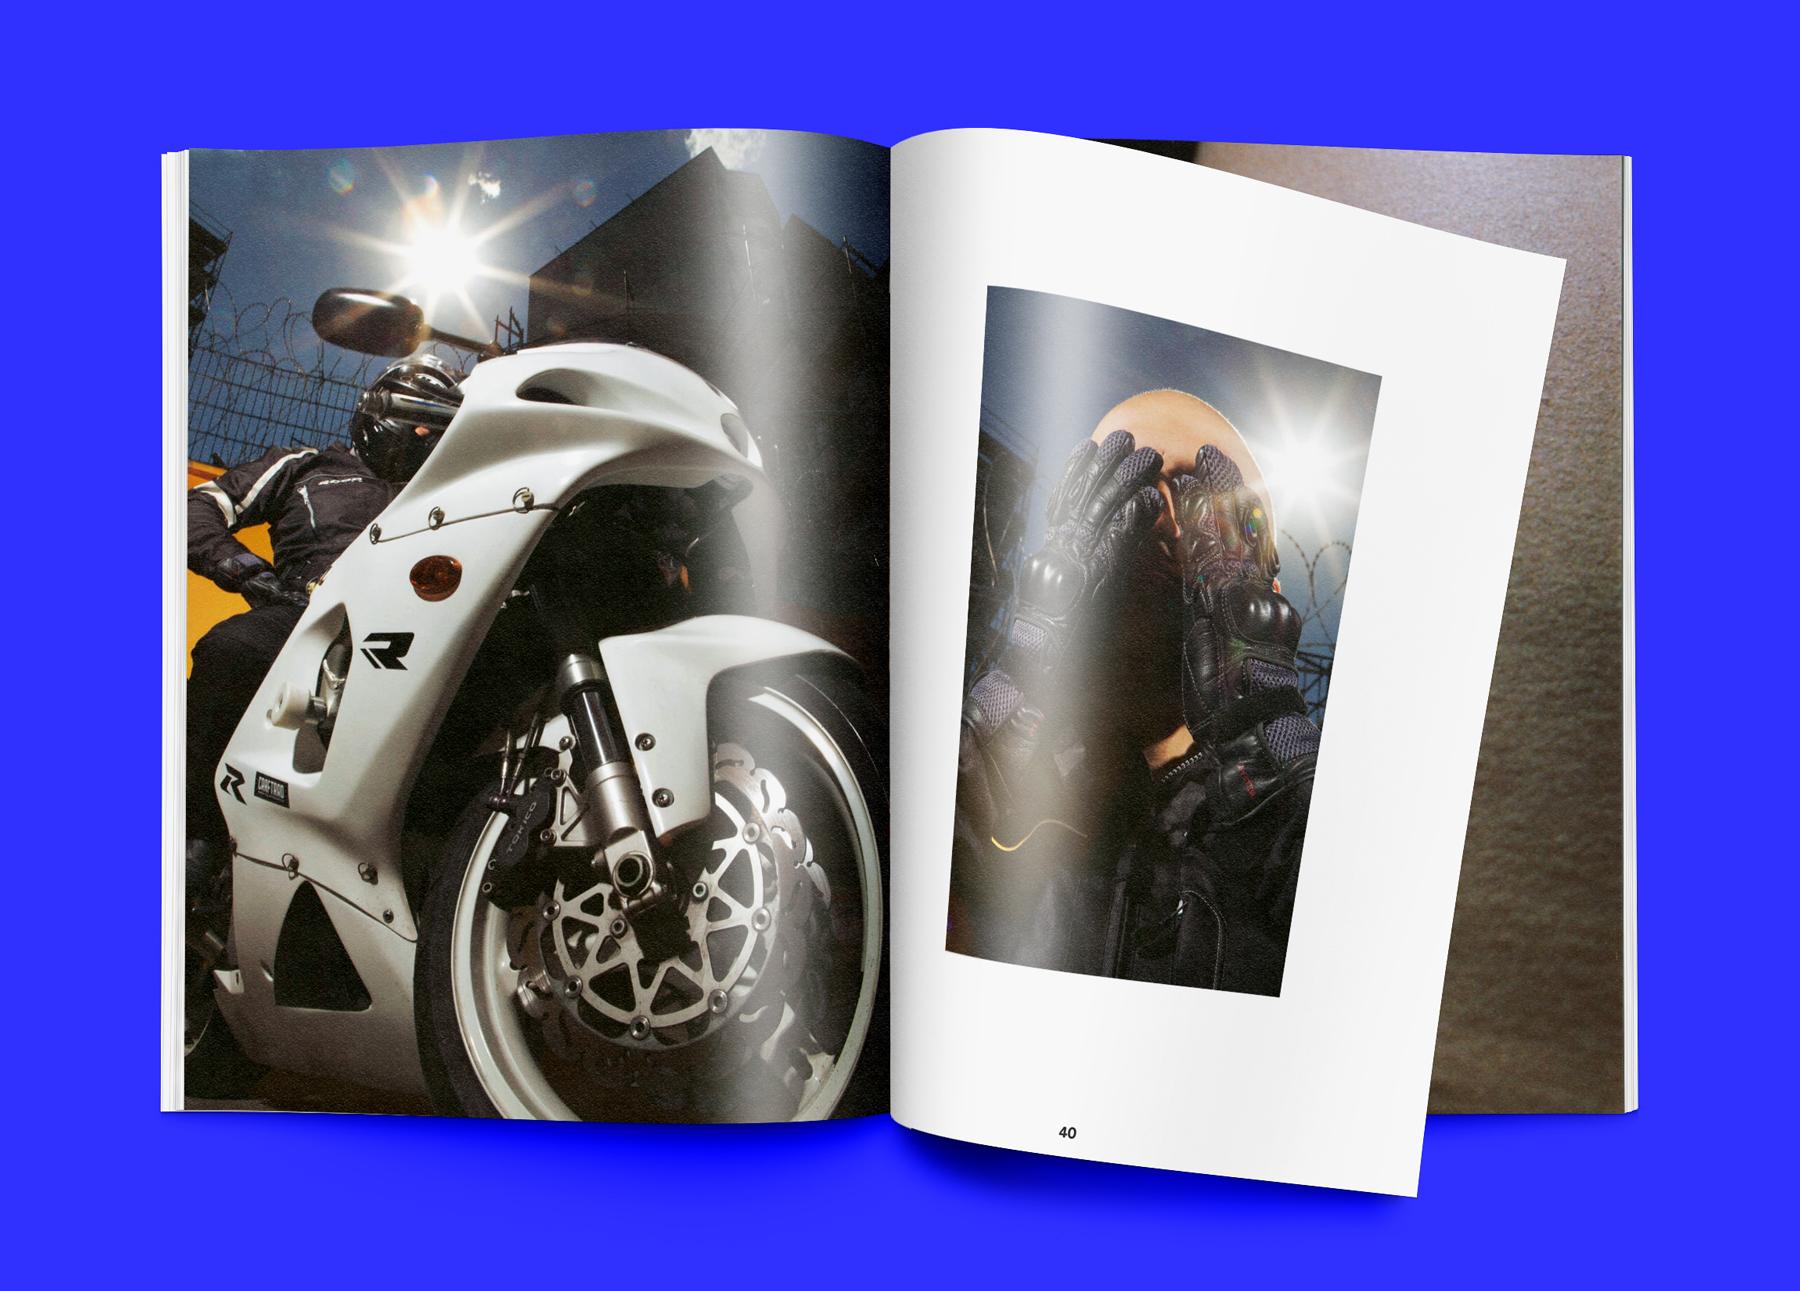 renk_mockup_motorrad_02